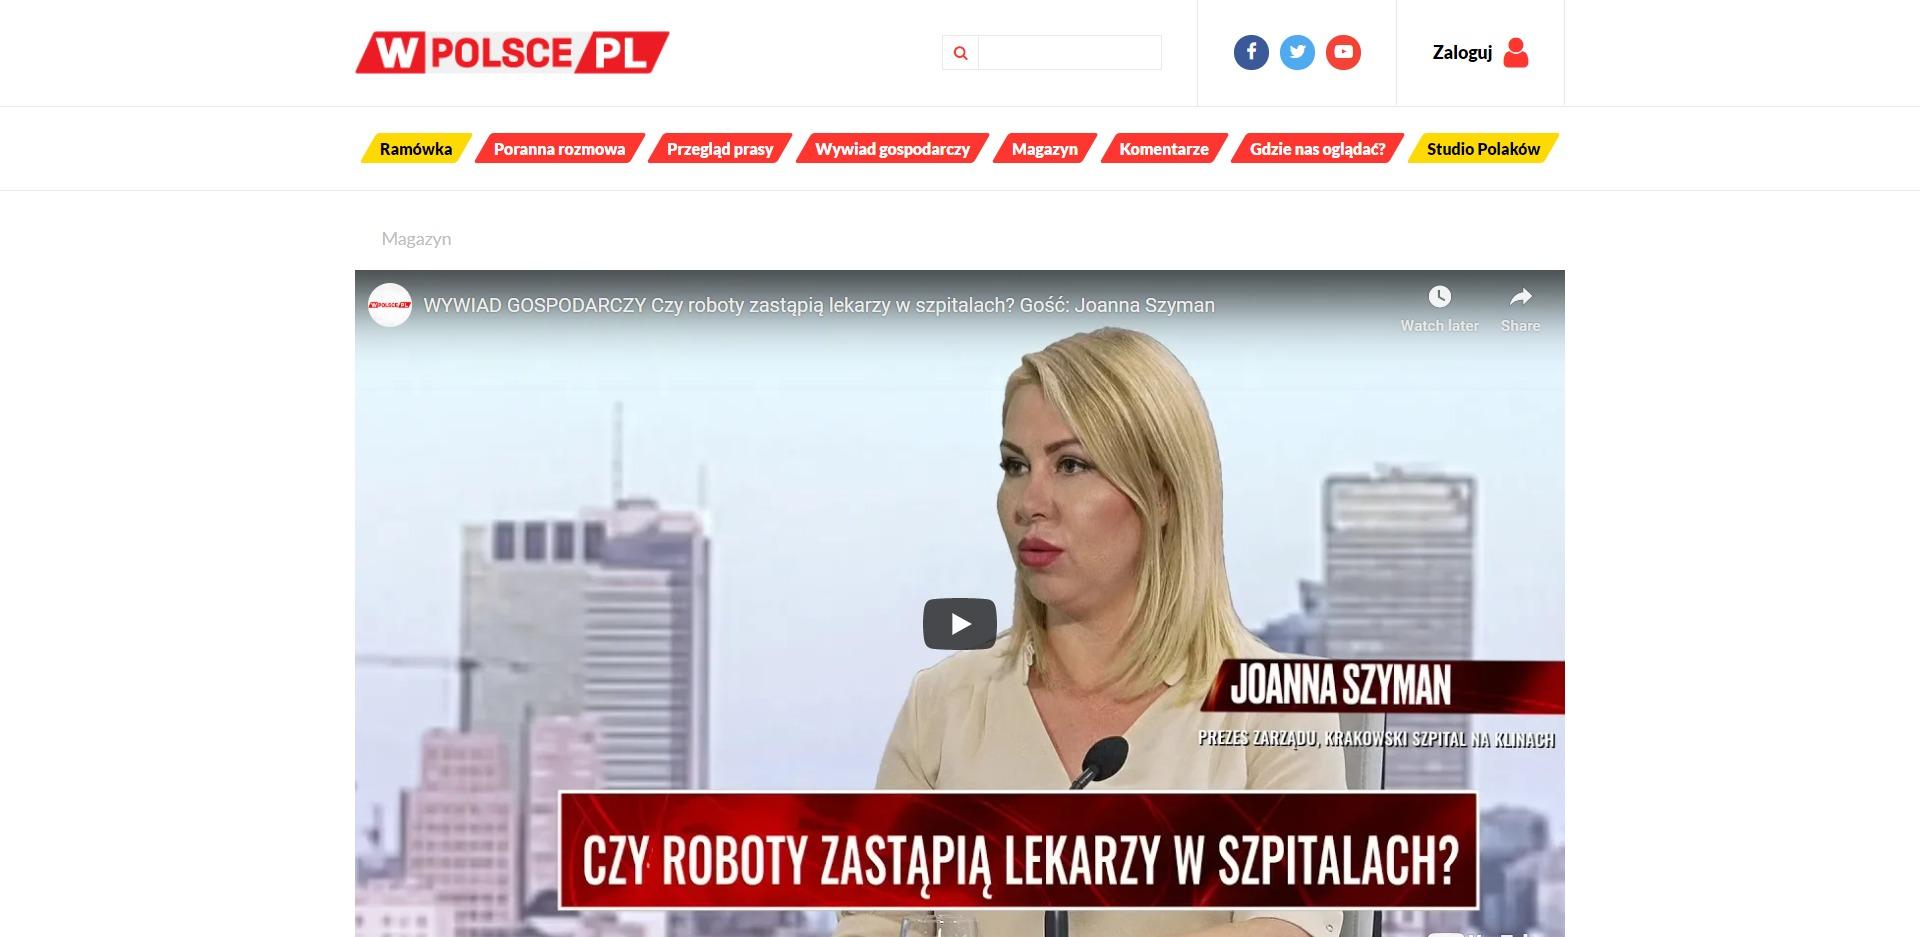 WYWIAD GOSPODARCZY Czy roboty zastąpią lekarzy w szpitalach Gość Joanna Szyman